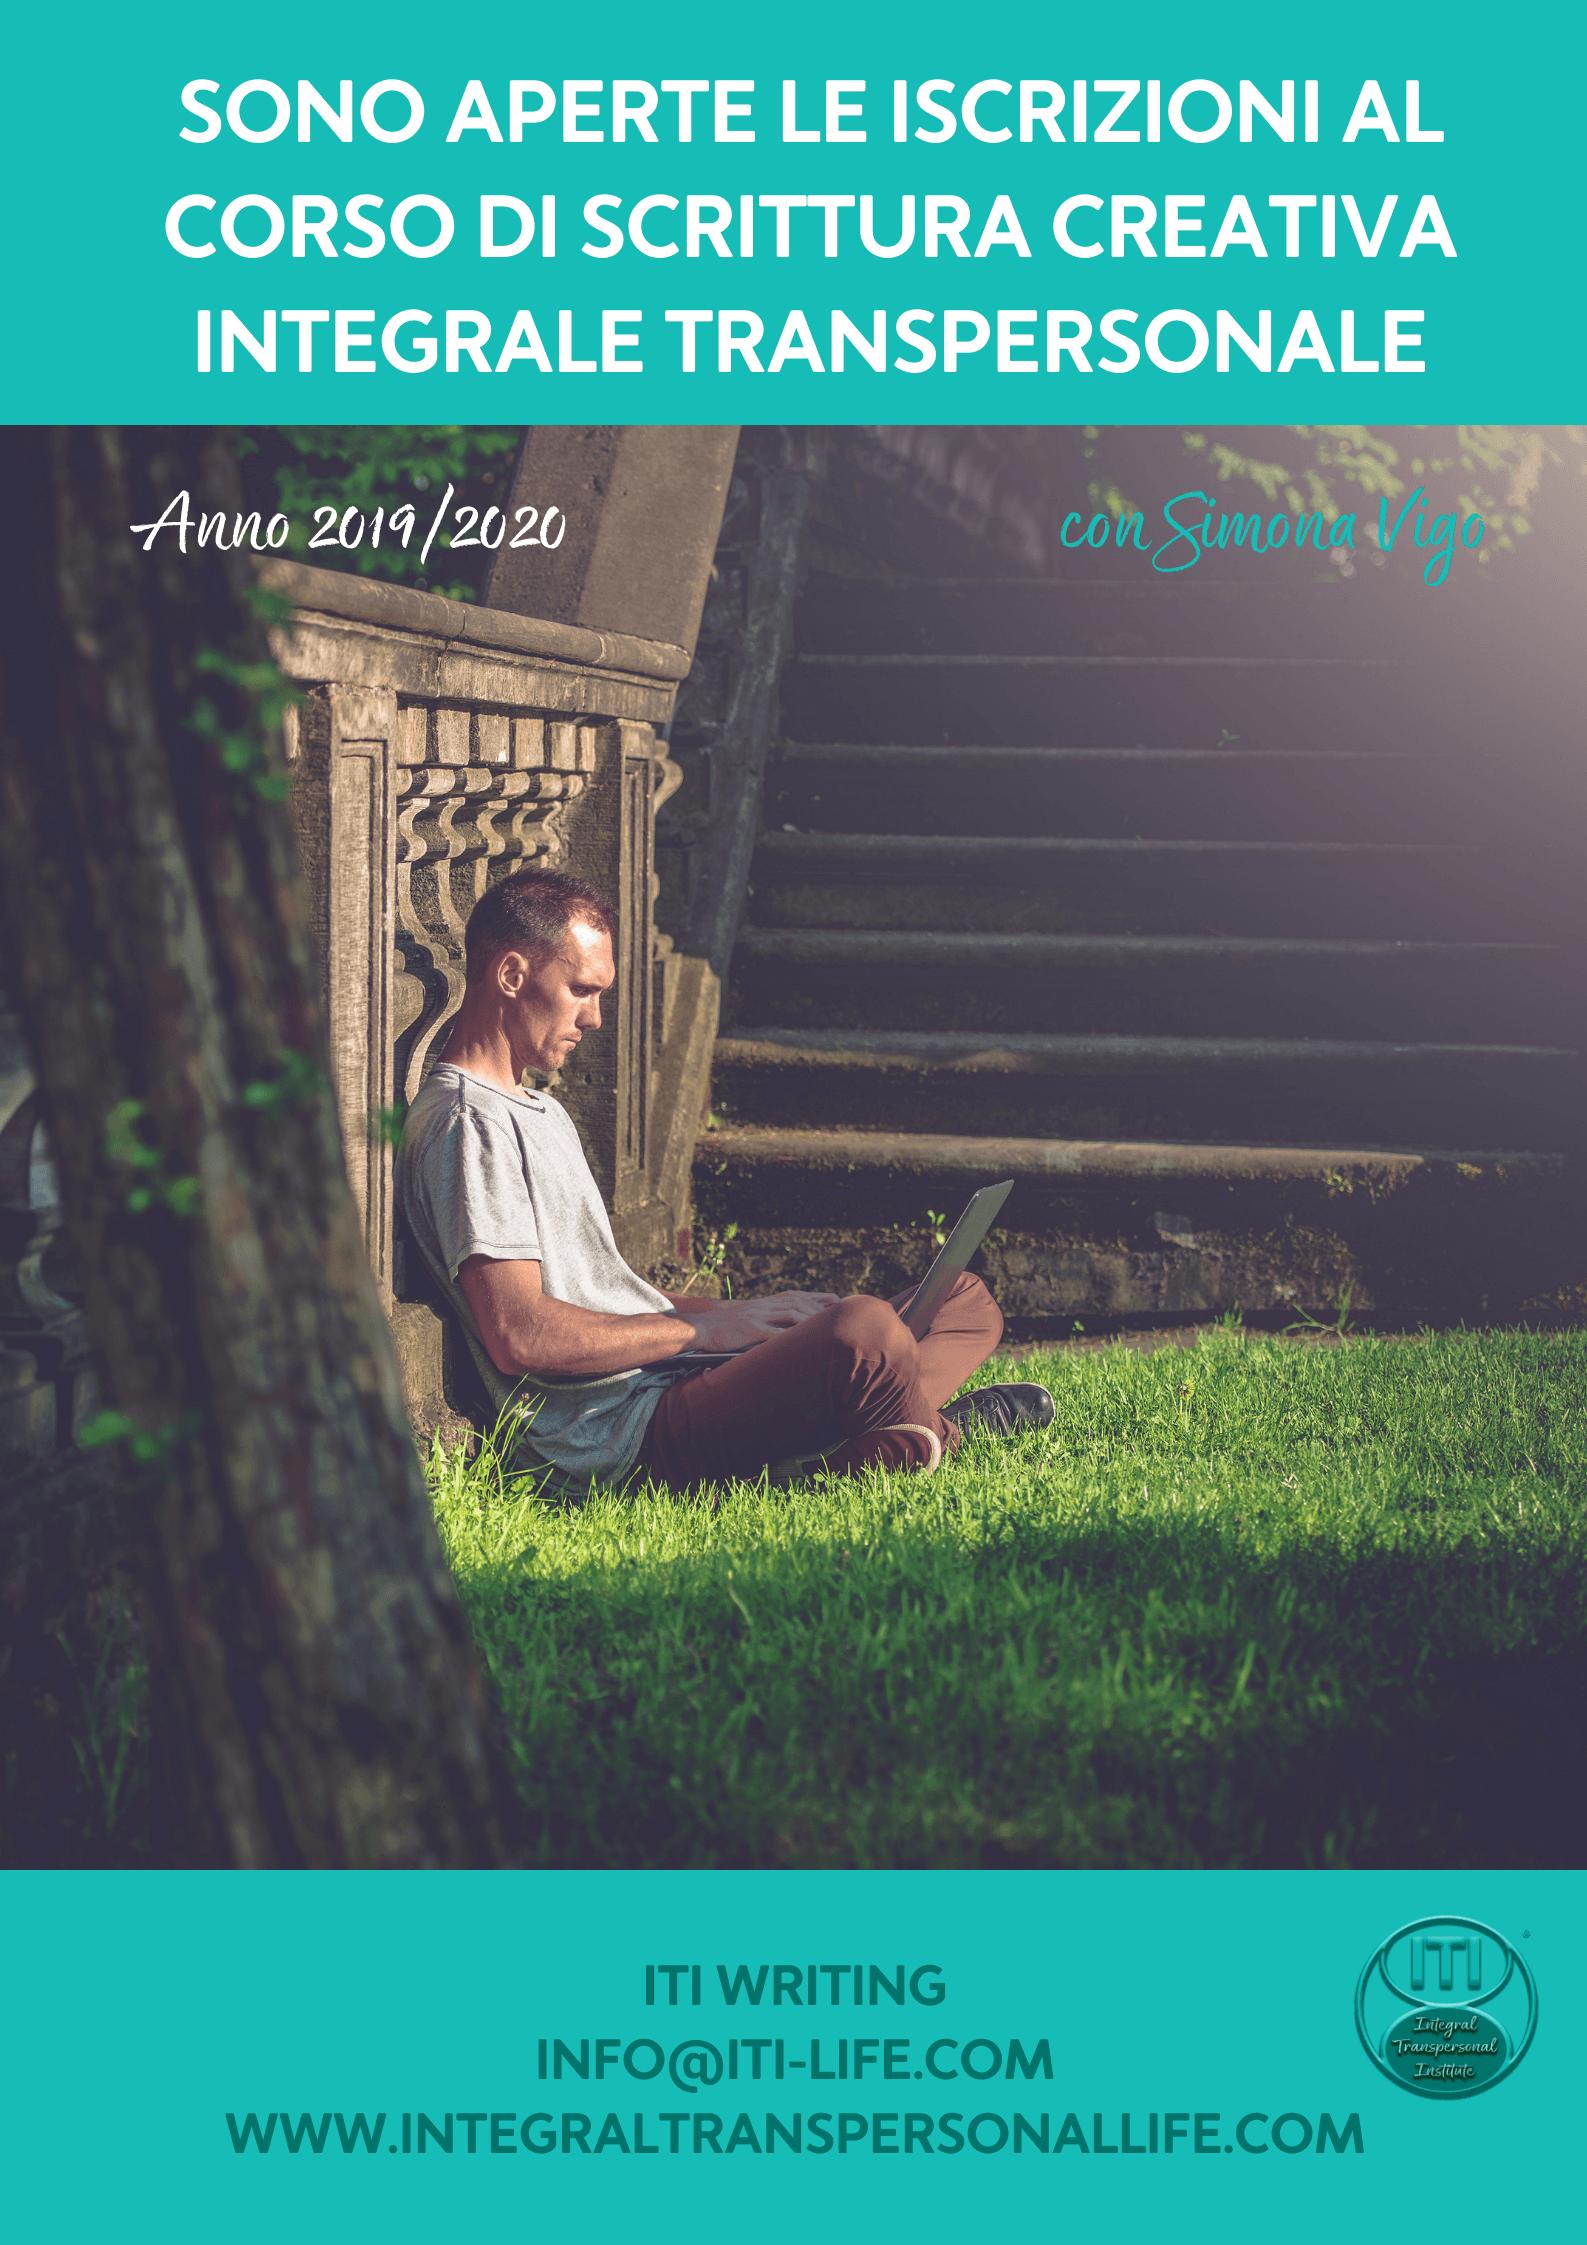 ITI Writing Corso di Scrittura Integrale Transpersonale a Milano 2019/2020